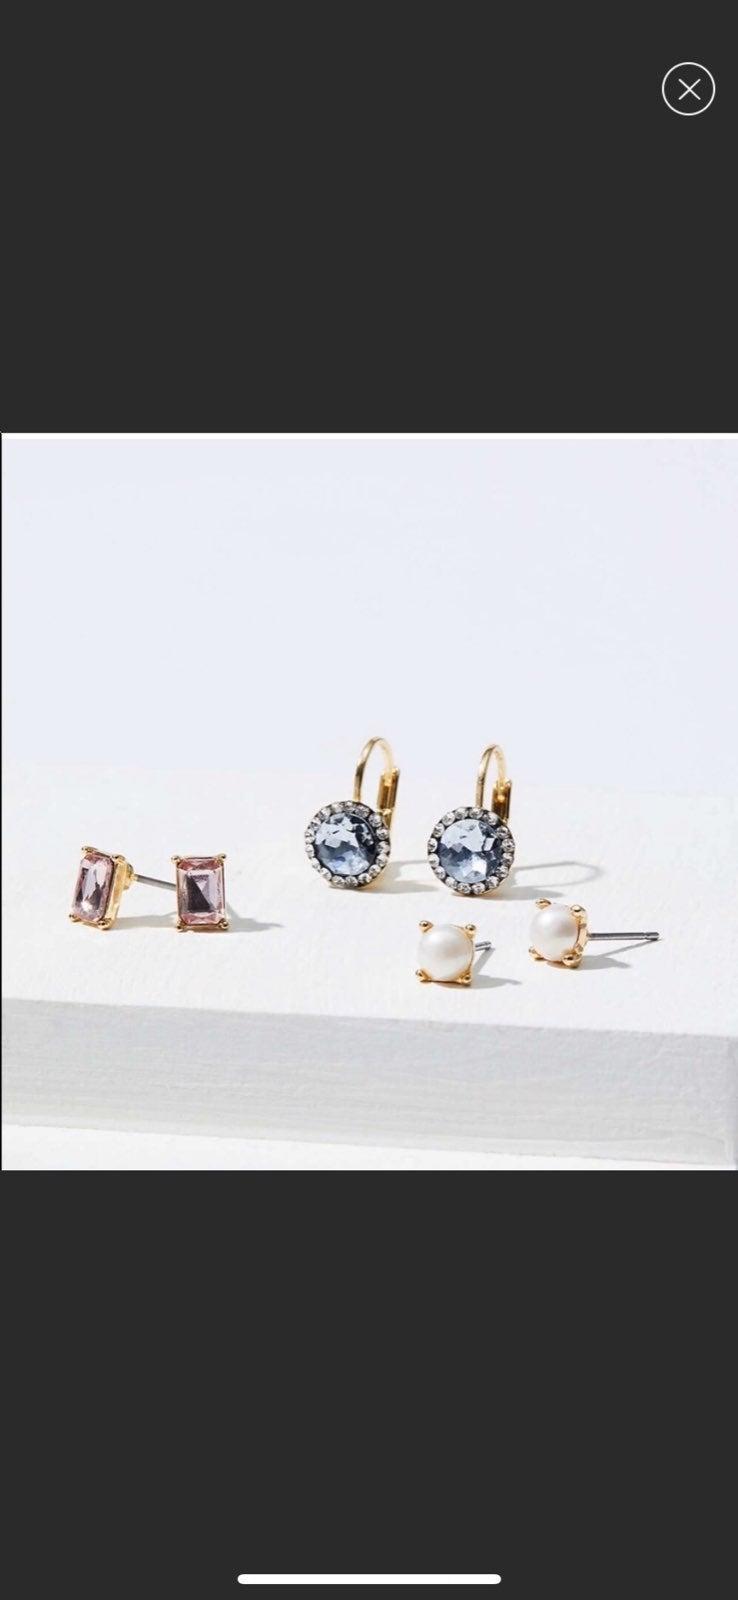 NWT LOFT Pearlized Crystal Earring Trio